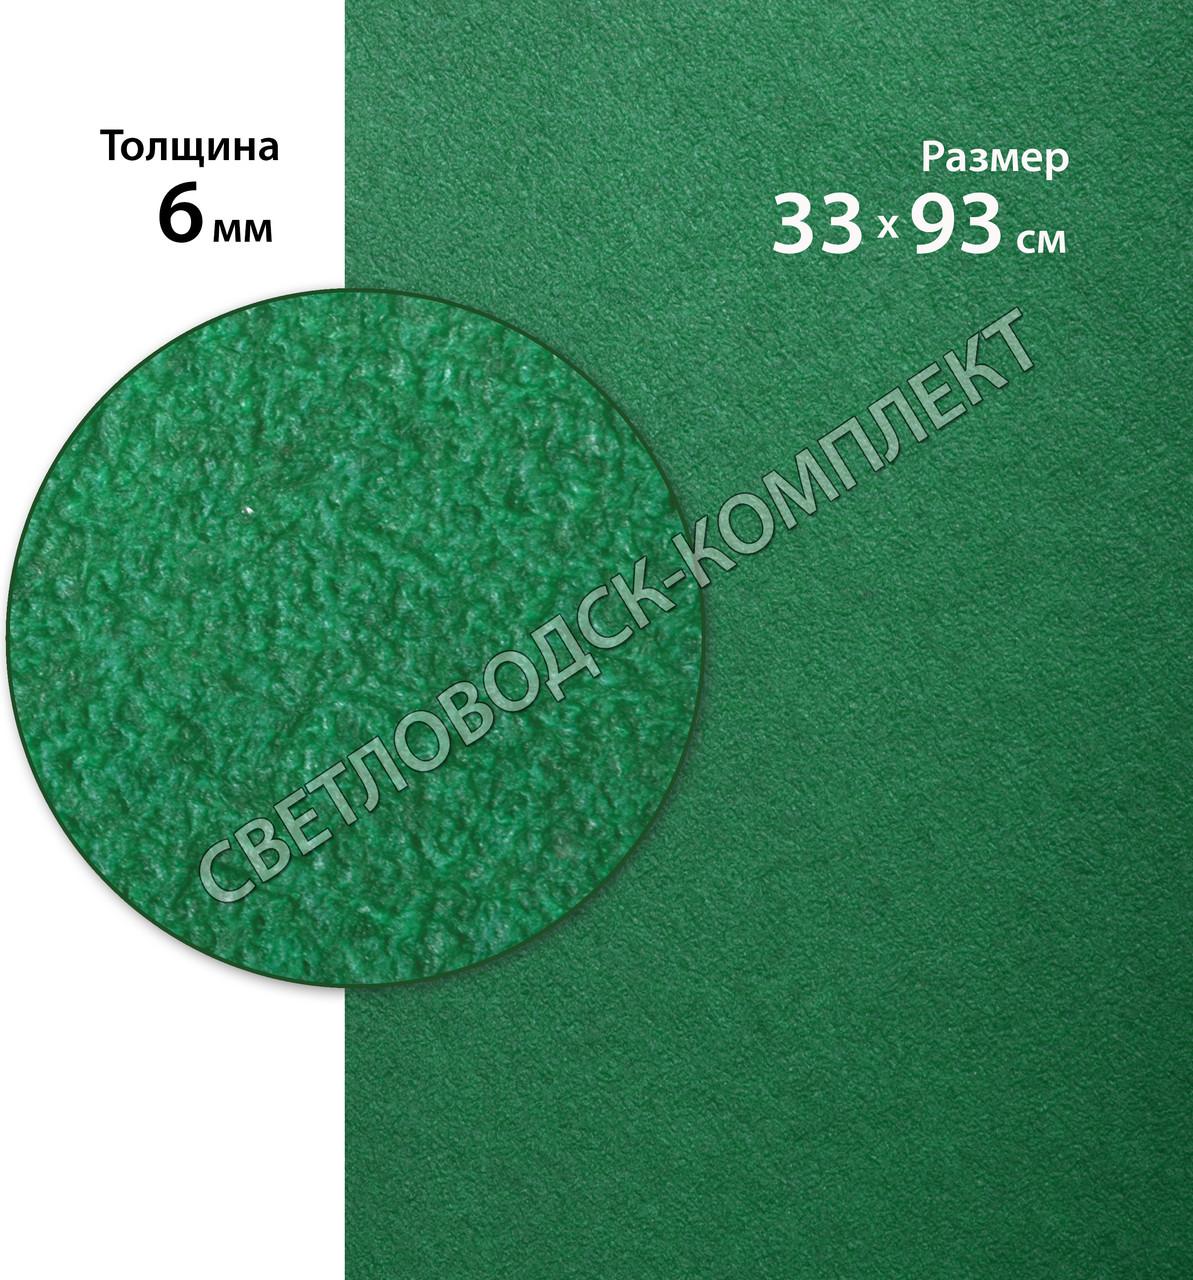 Подошвенный каучук в листах, цв. зеленый (B1), р. 33 см*93 см*6 мм